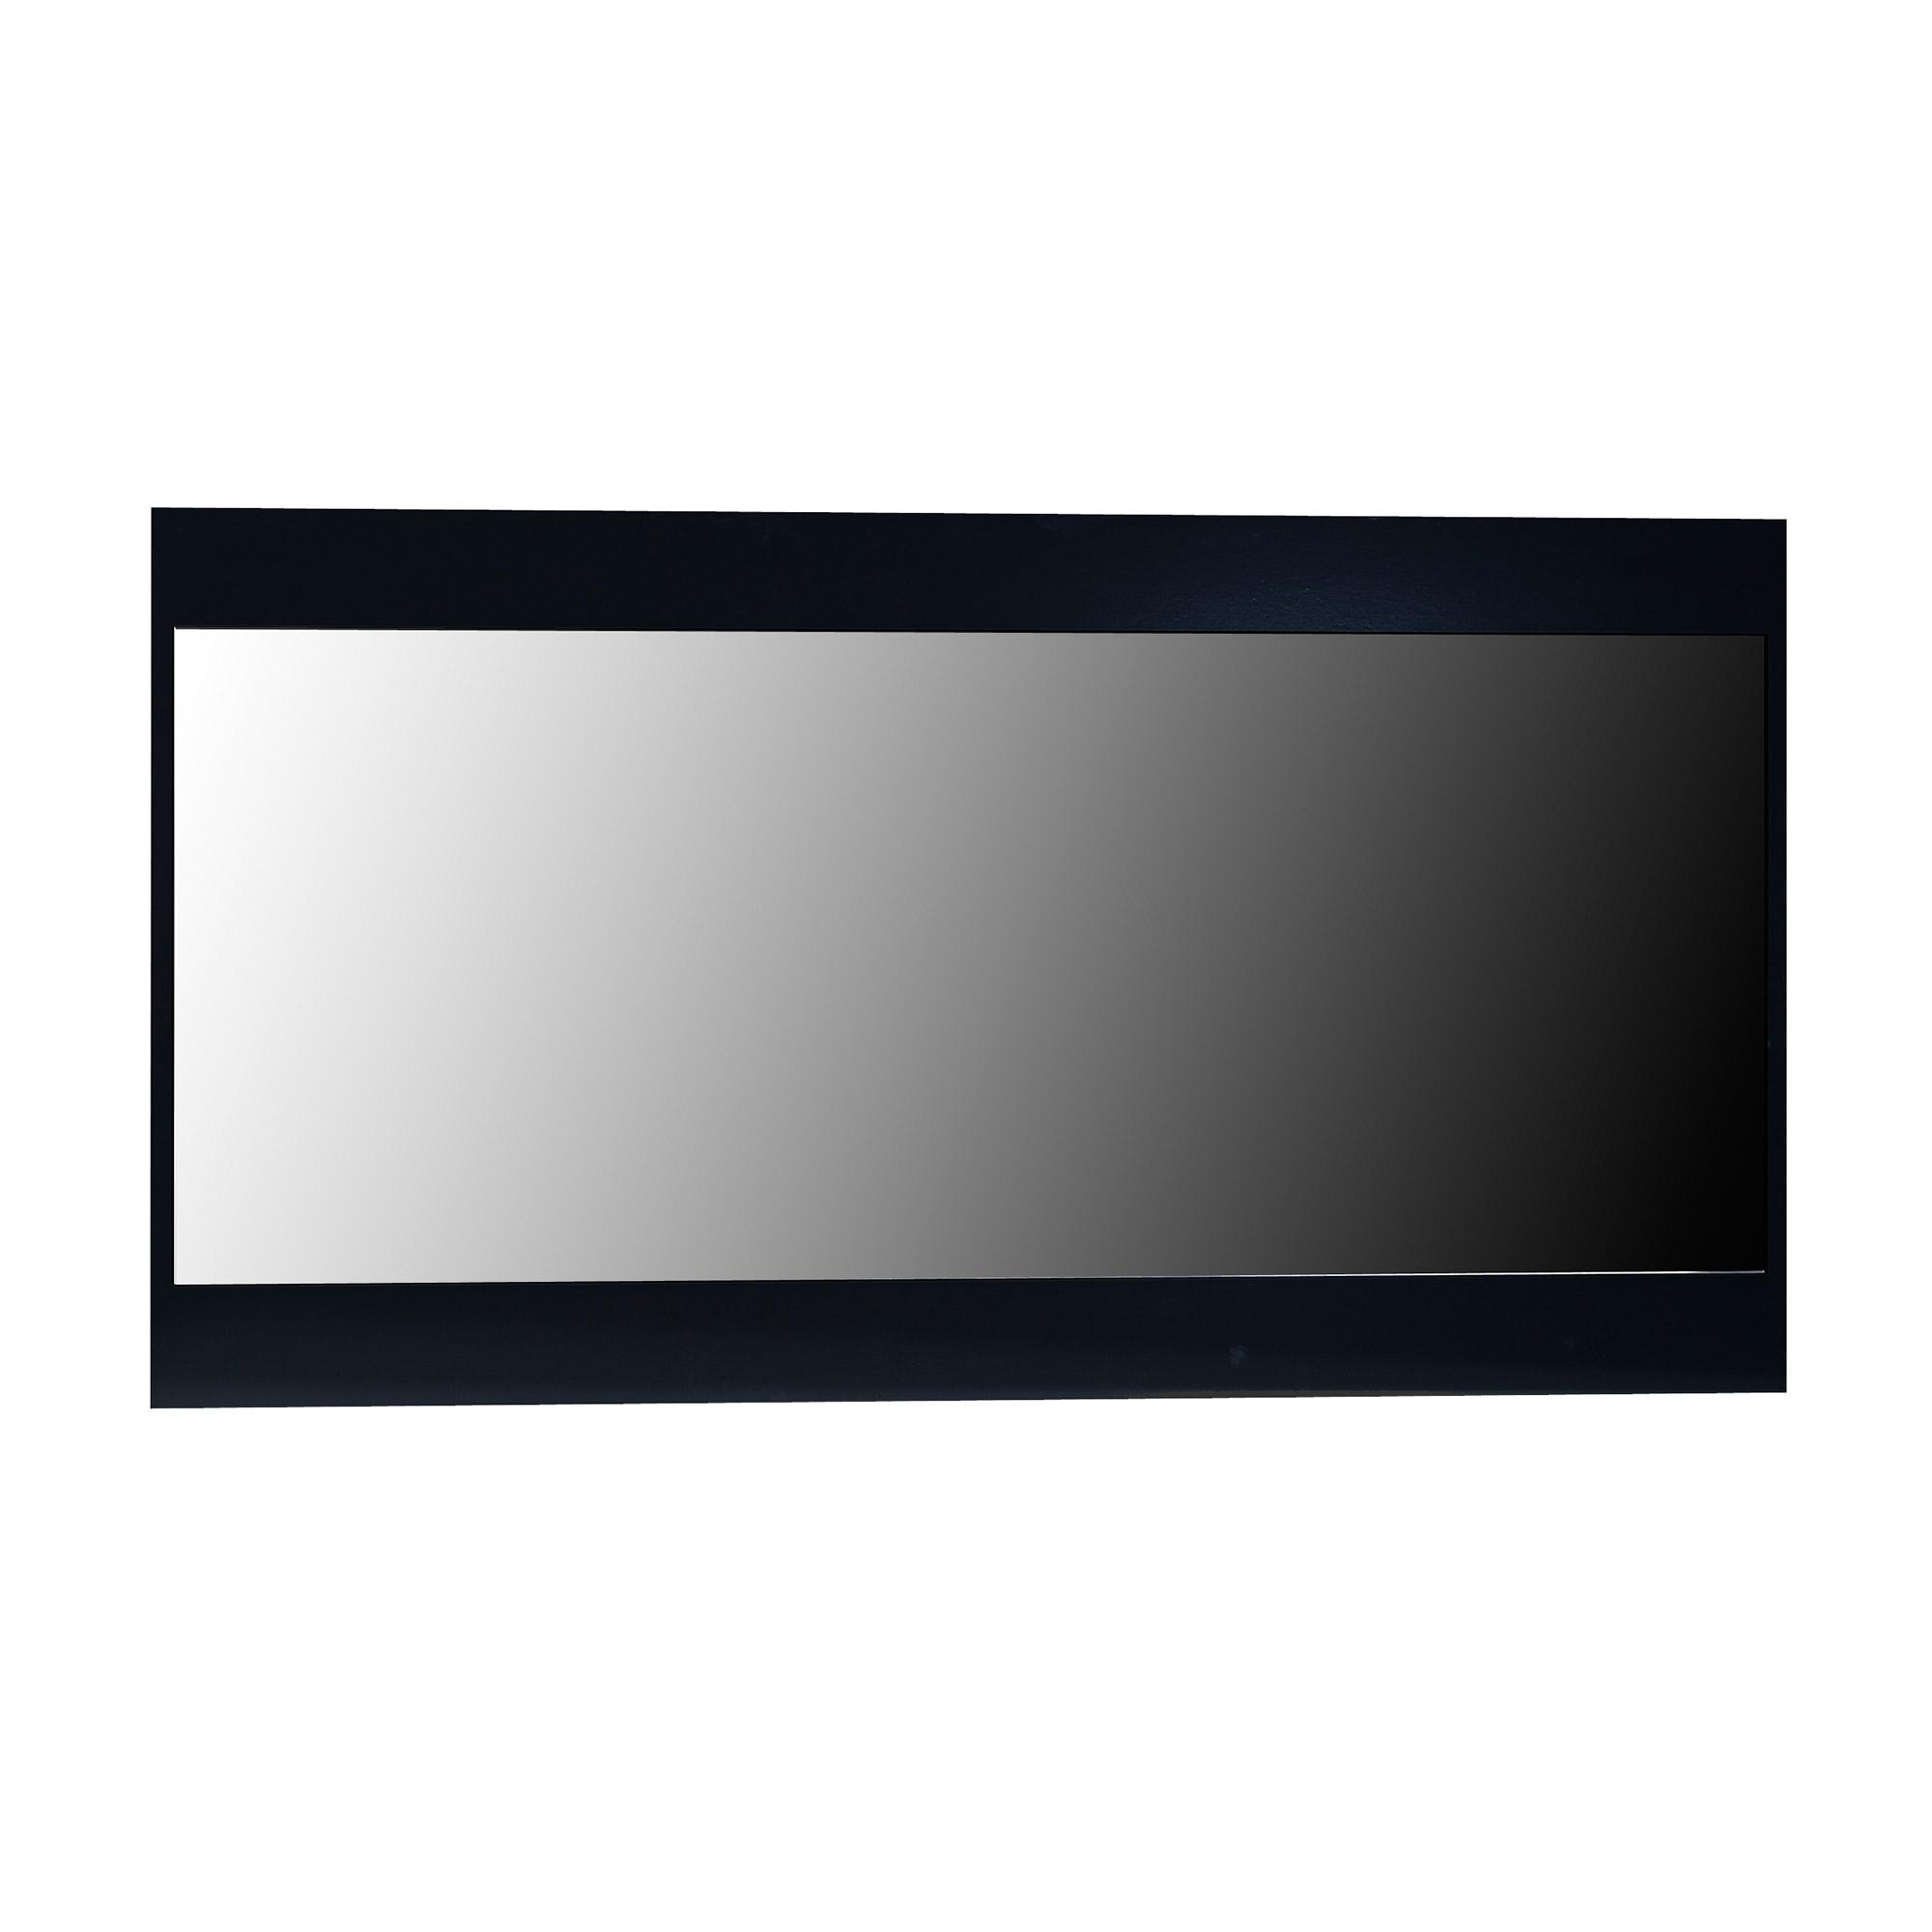 Miroir rectangulaire bois laqu noir quinze for Miroir noir rectangulaire